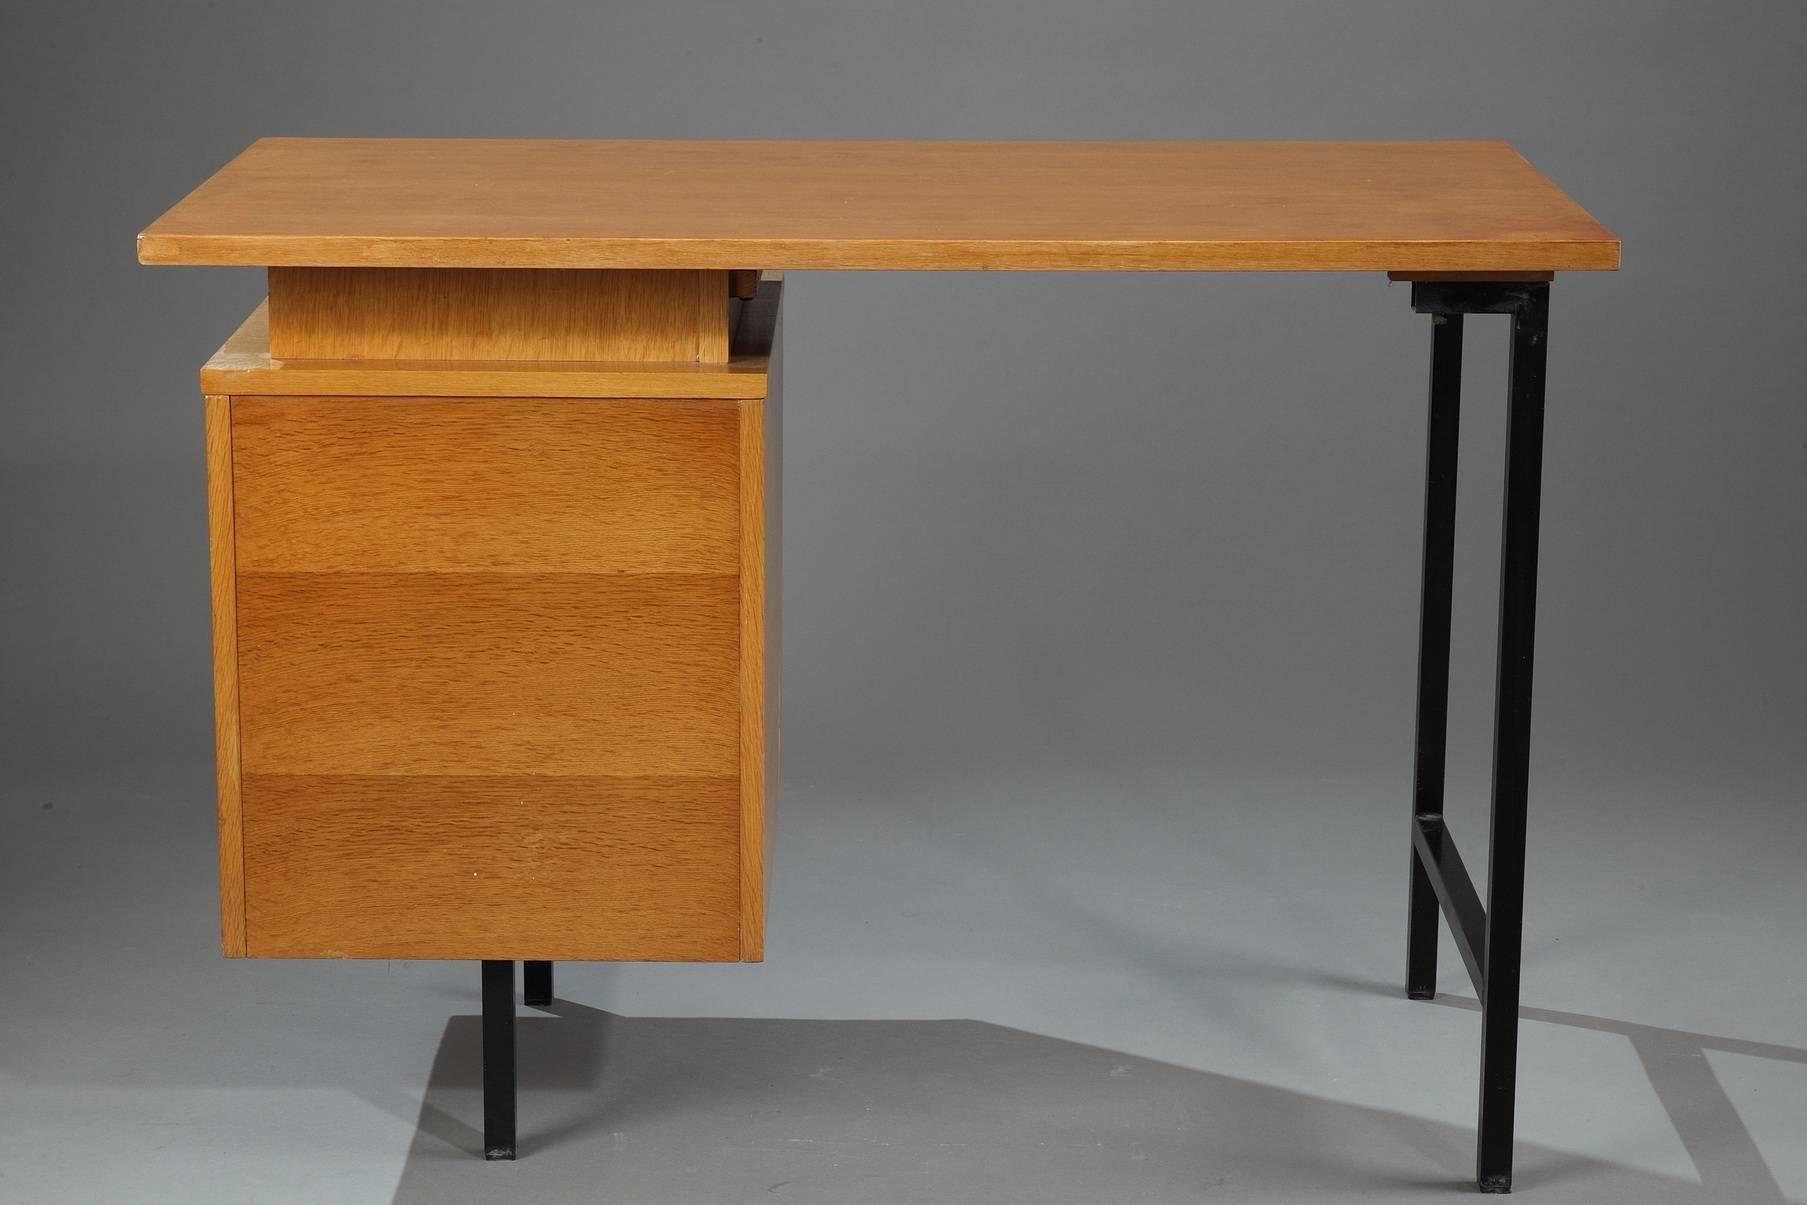 Cm 172 Desk By Pierre Paulin At 1stdibs